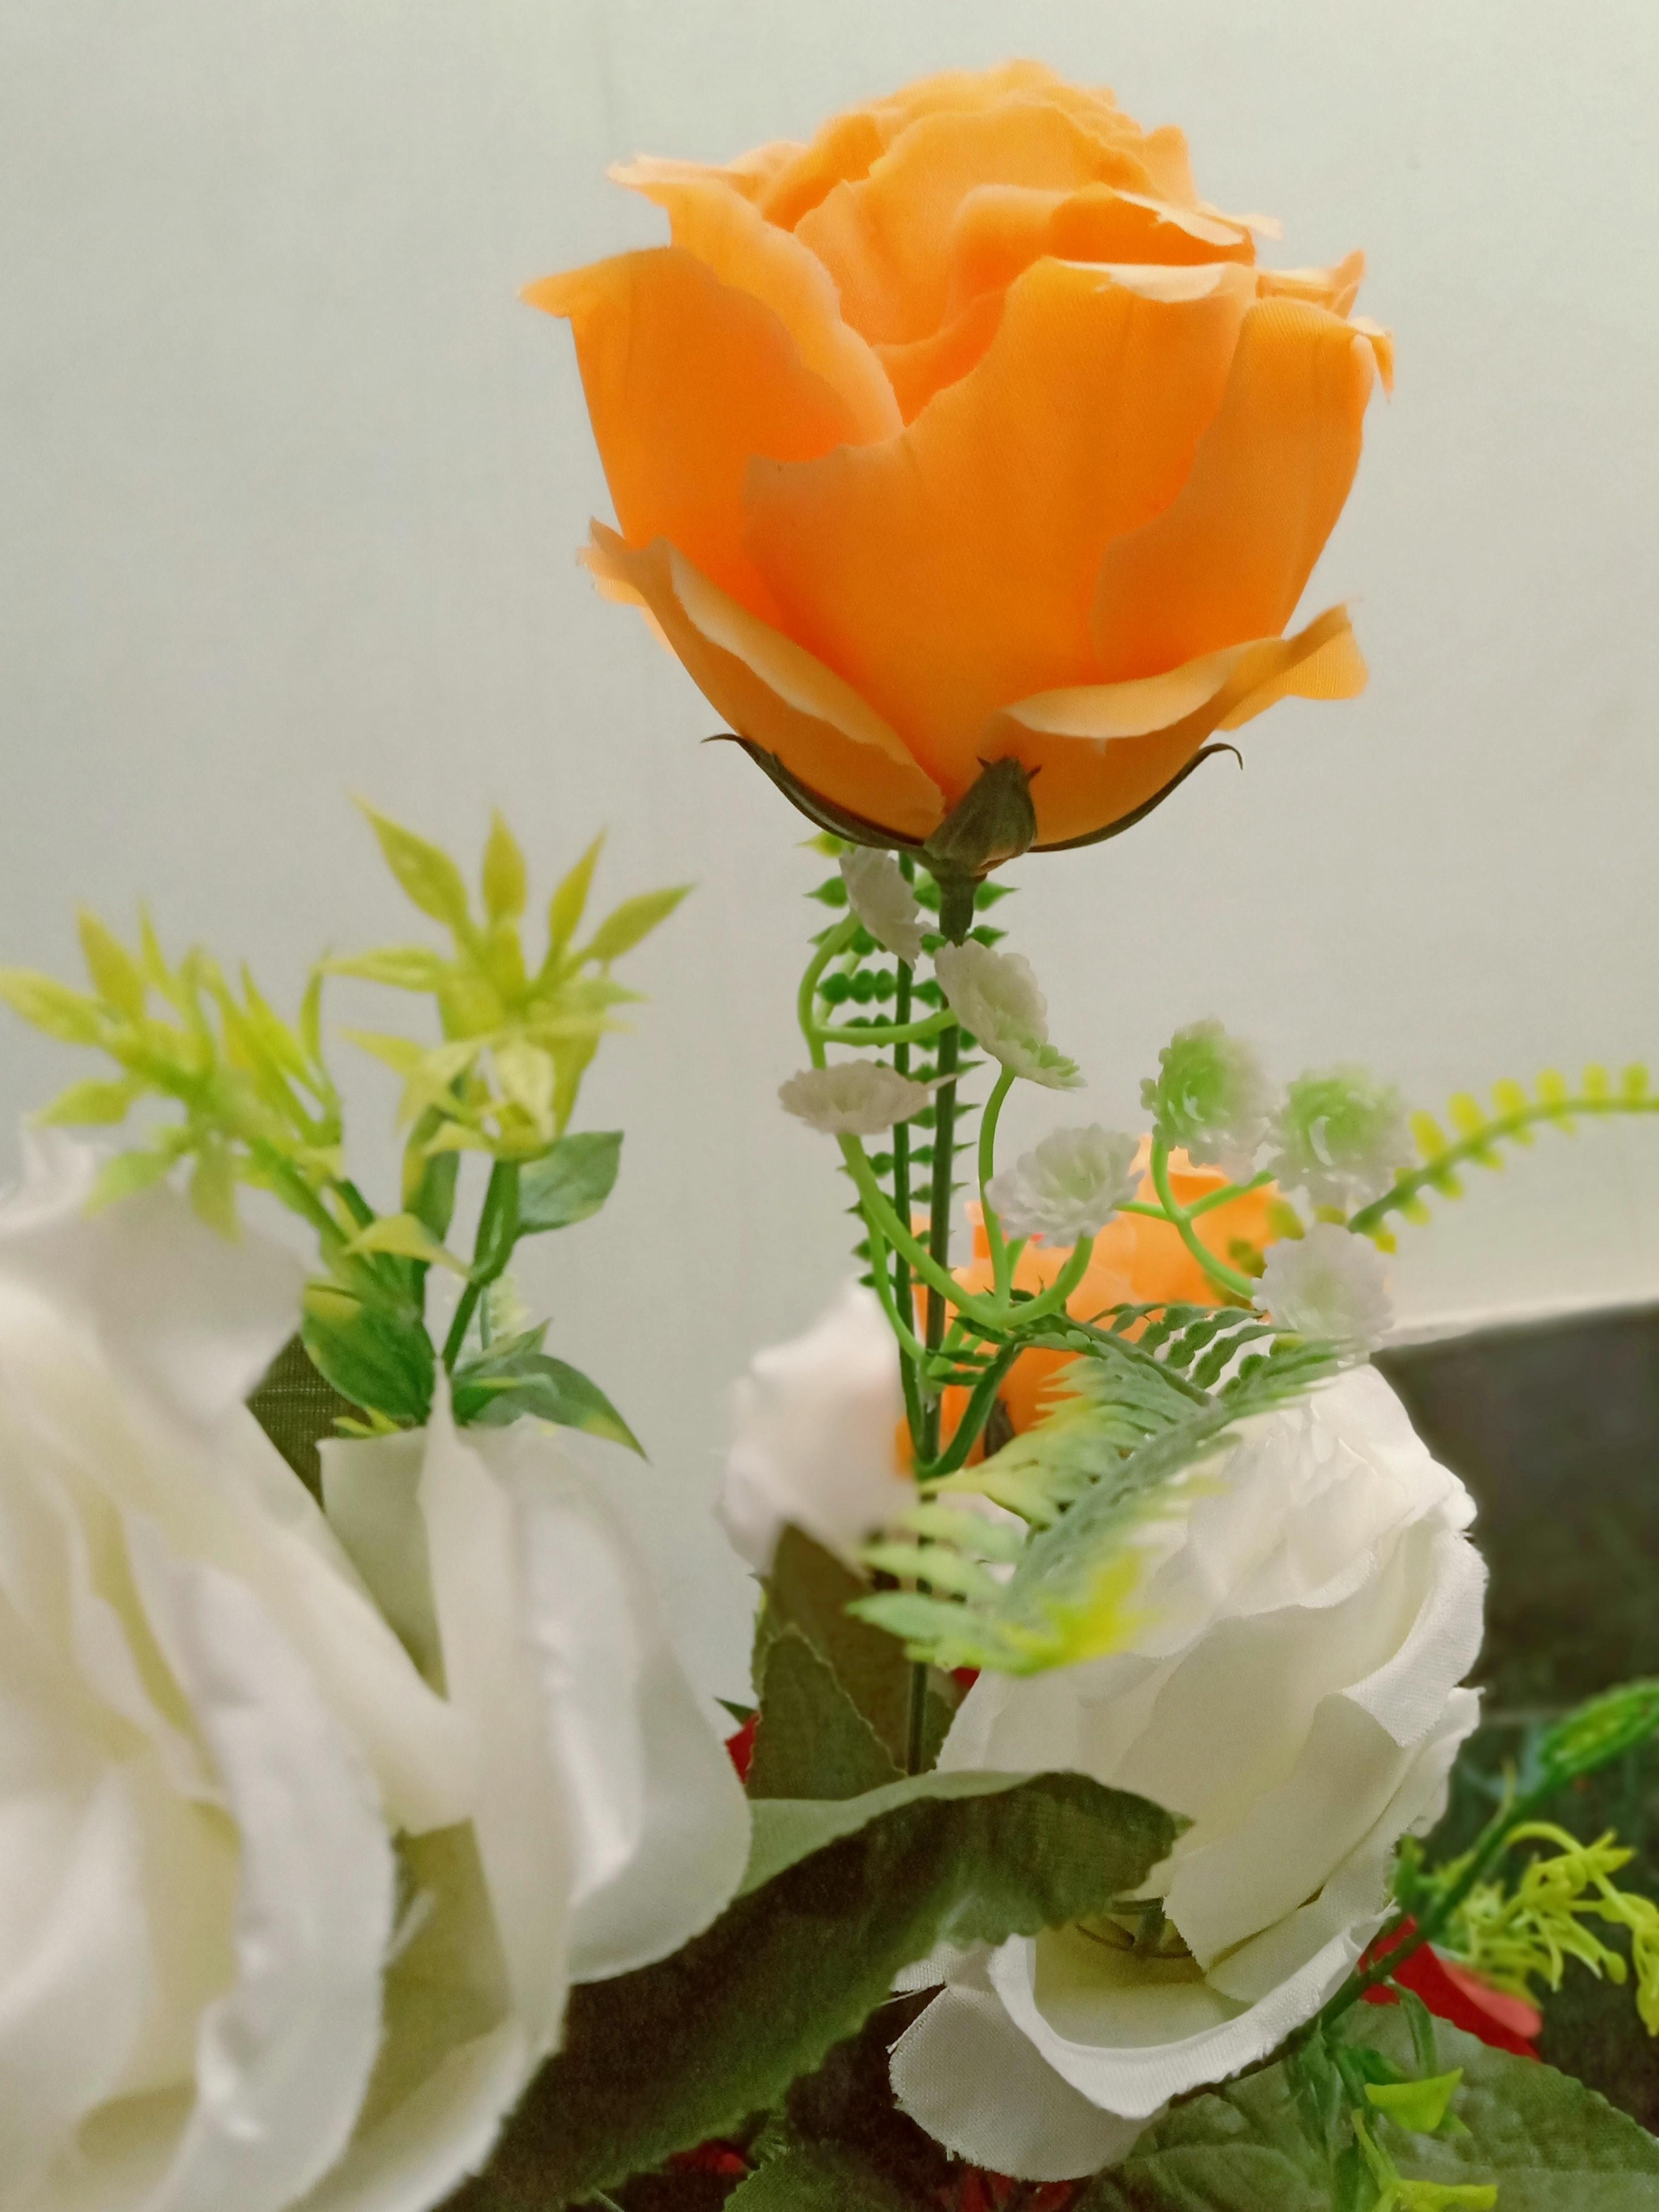 Wallpaper Bunga 4k Gambar Bunga Keren